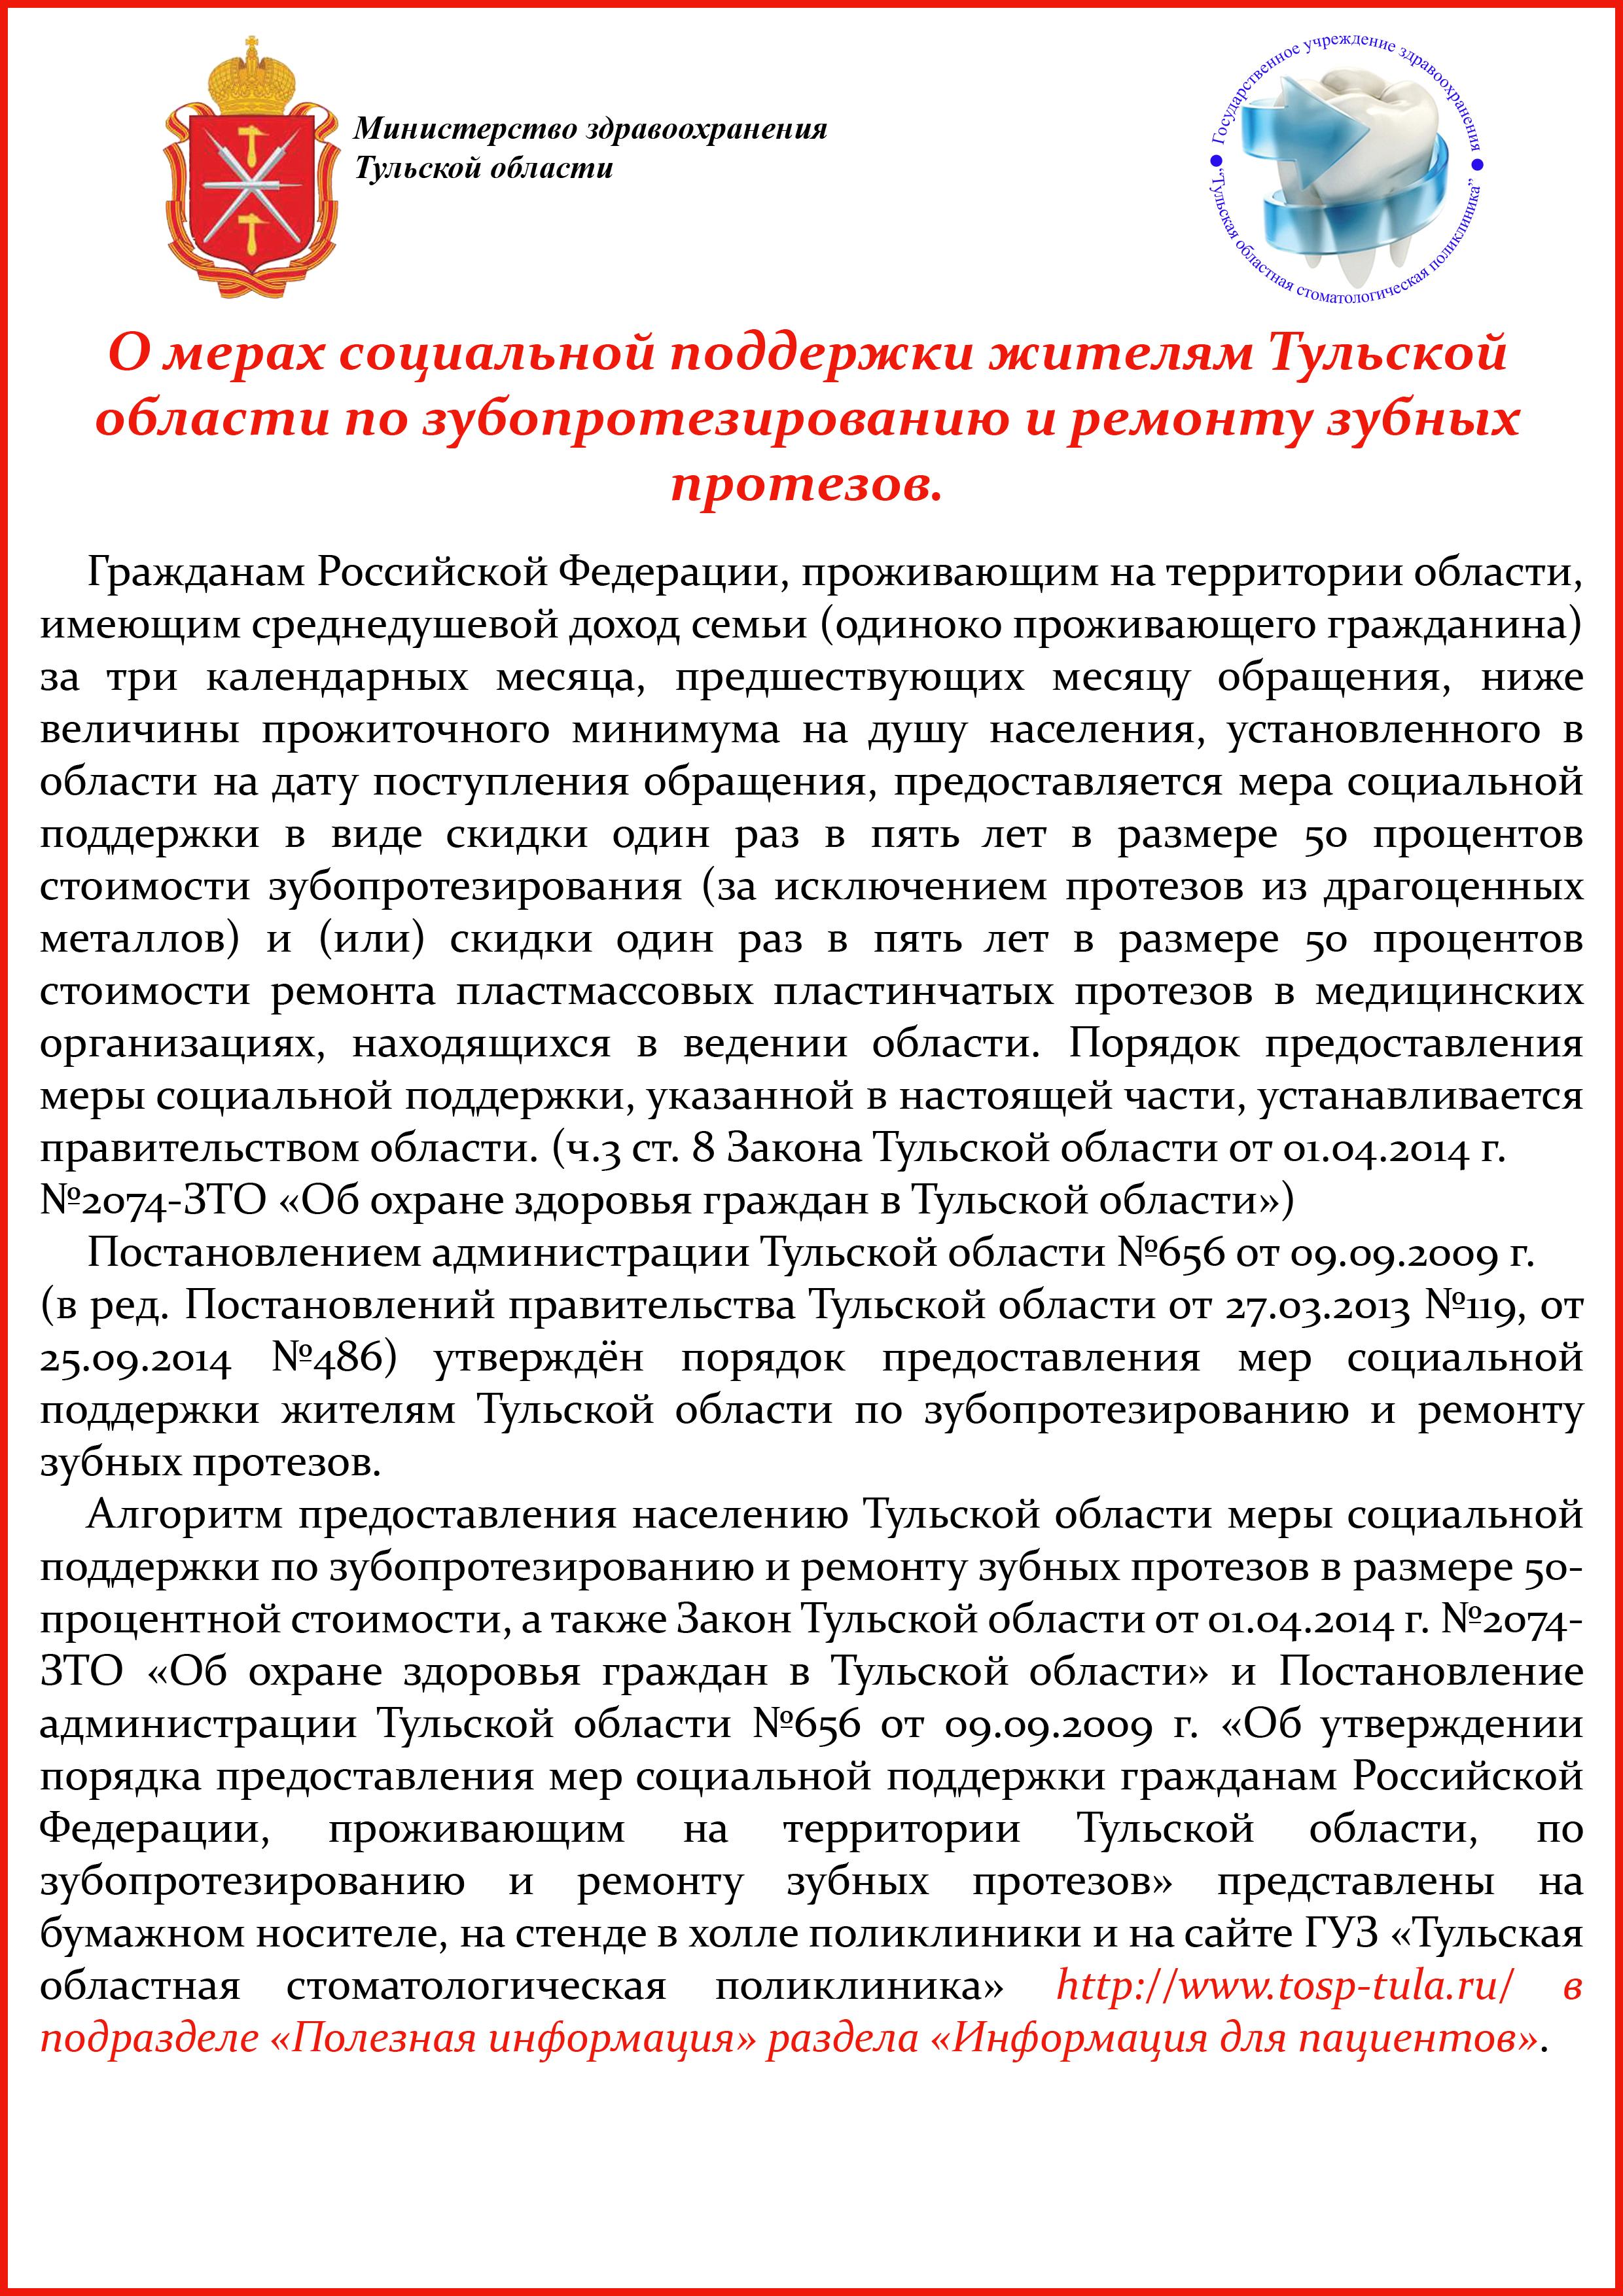 О мерах социальной поддержки жителям Тульской области по зубопротезированию и ремонту зубных протезов